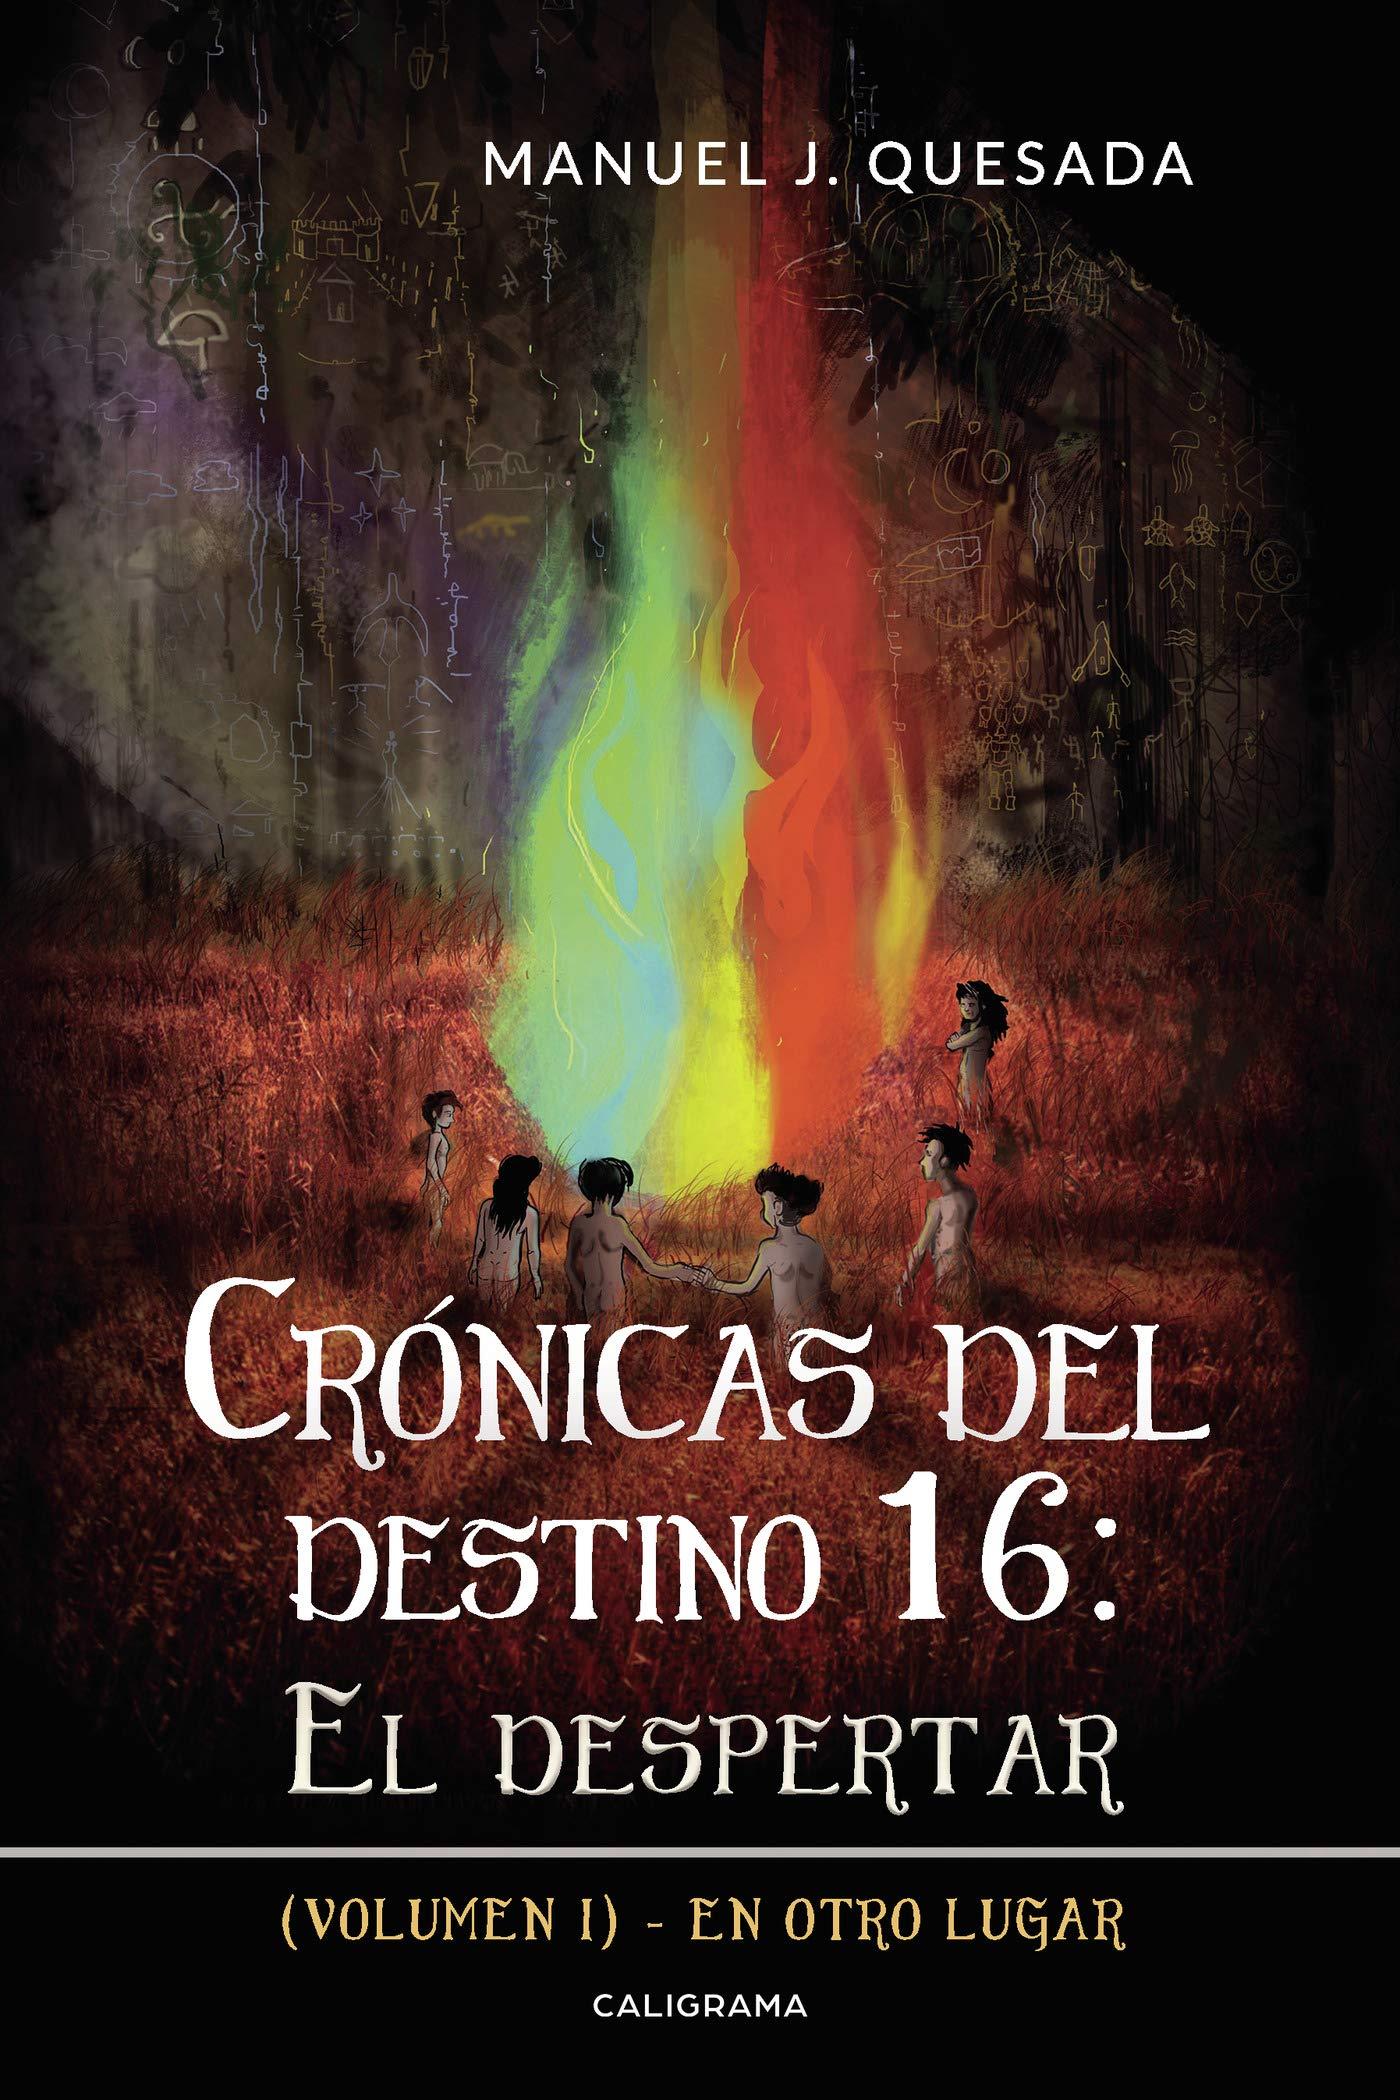 Crónicas Del Destino 16 El Despertar Volumen I En Otro Lugar Caligrama Spanish Edition Quesada Manuel J 9788417984359 Books